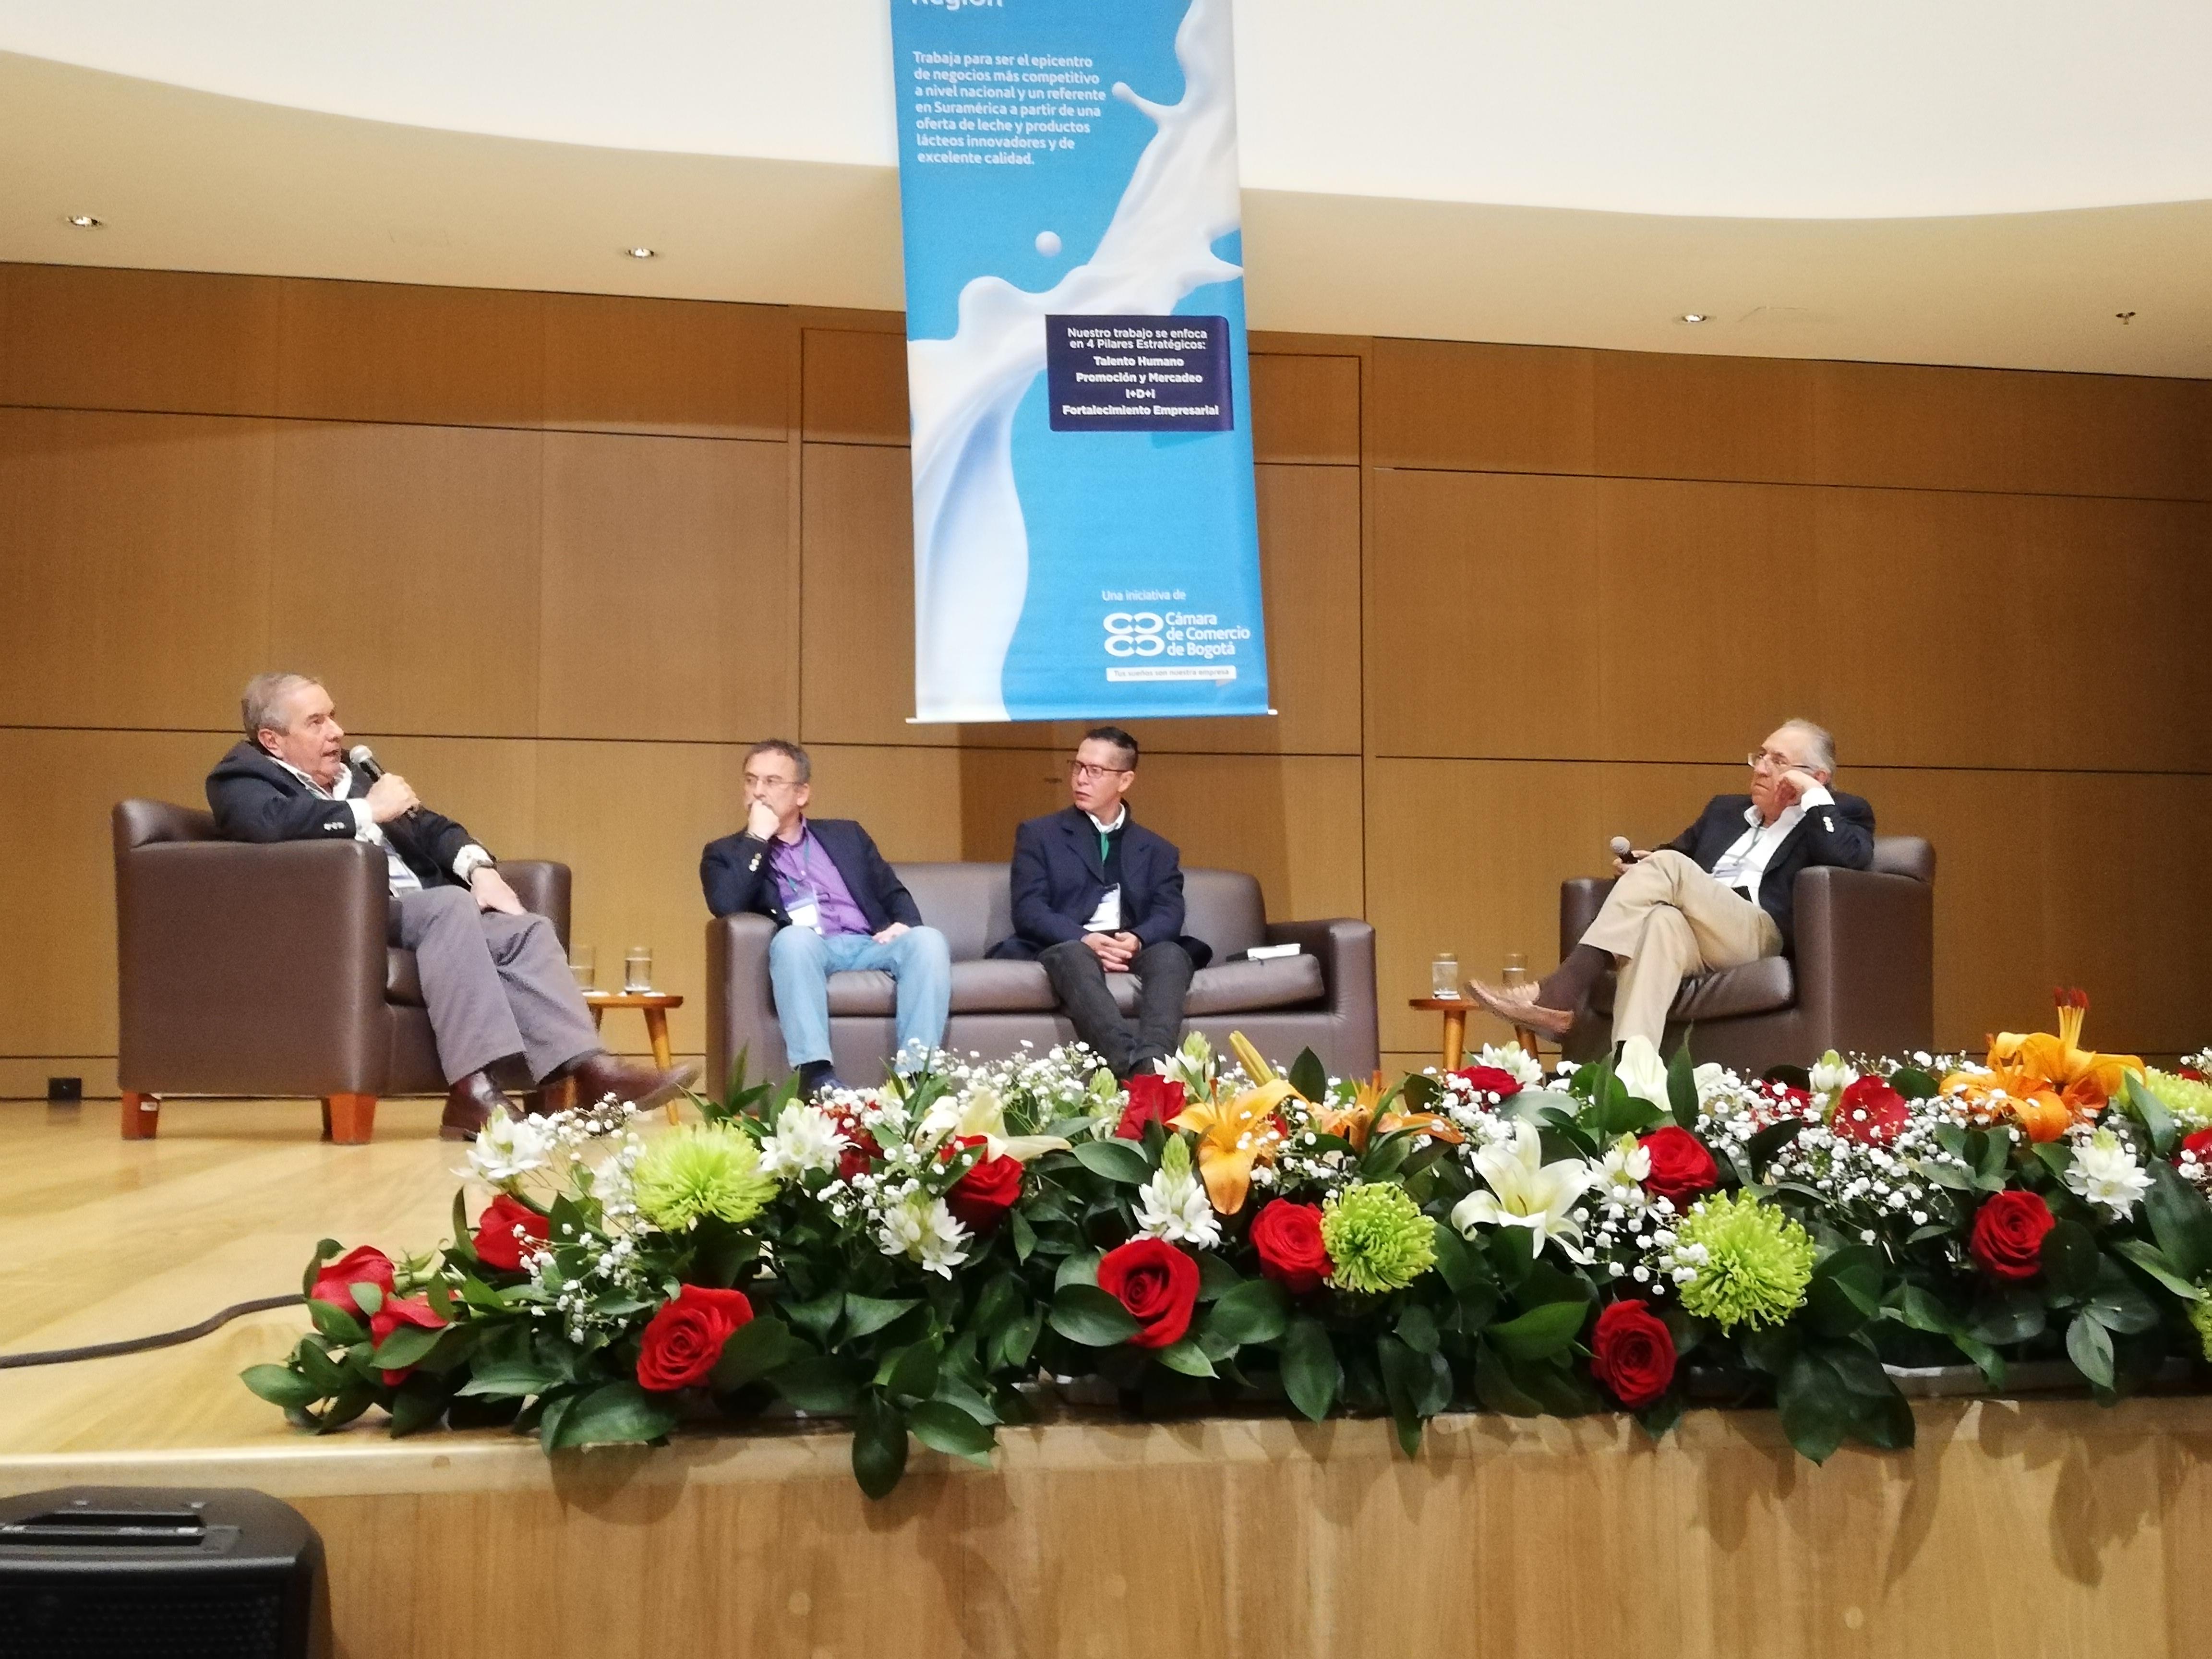 Panel: Encadenamientos Productivos en el Sector Lácteo - Casos de Éxito